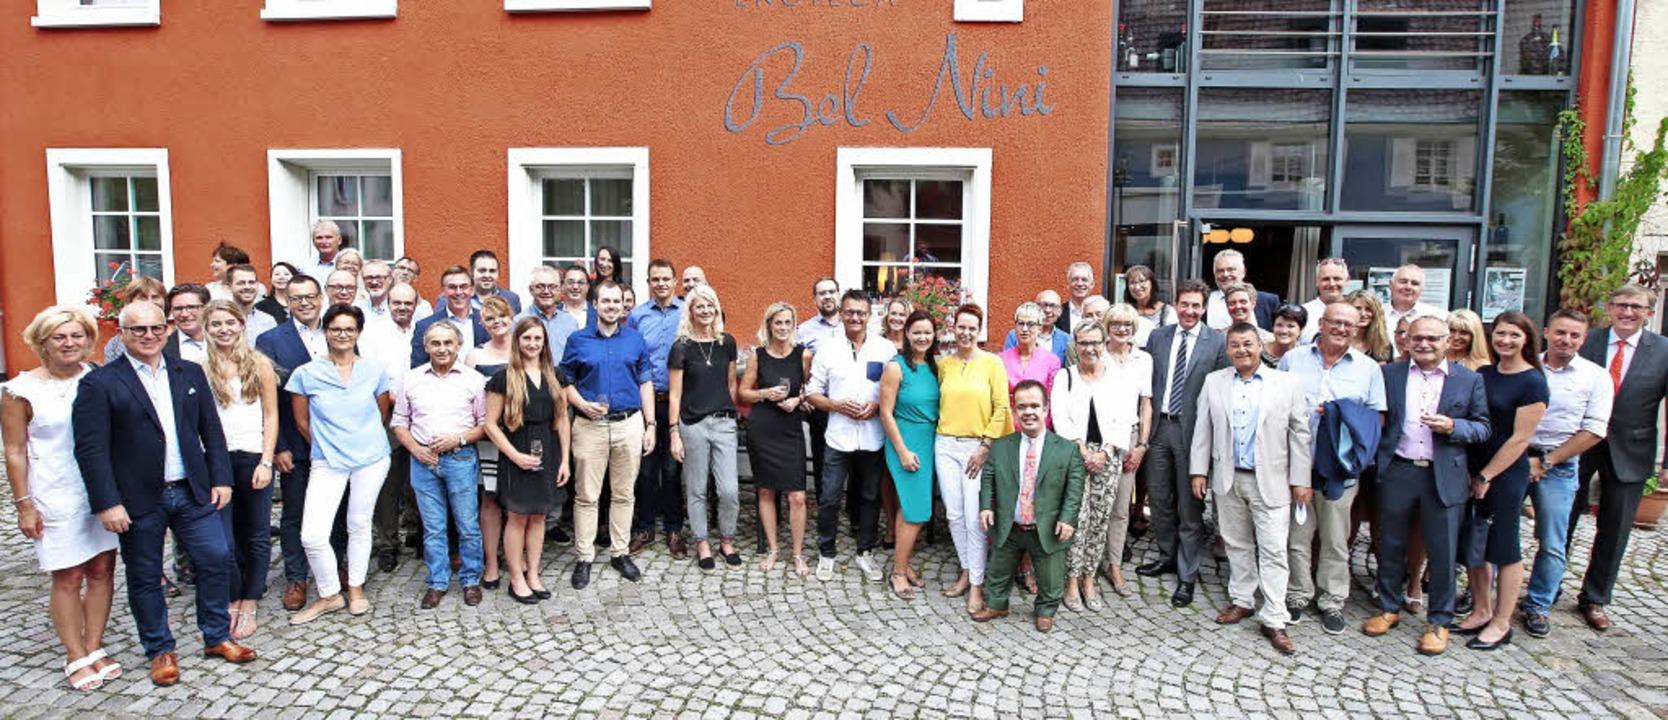 Sponsoren und Freunde des Reitturniers...nstehende Veranstaltung einzustimmen.     Foto: Roger Müller